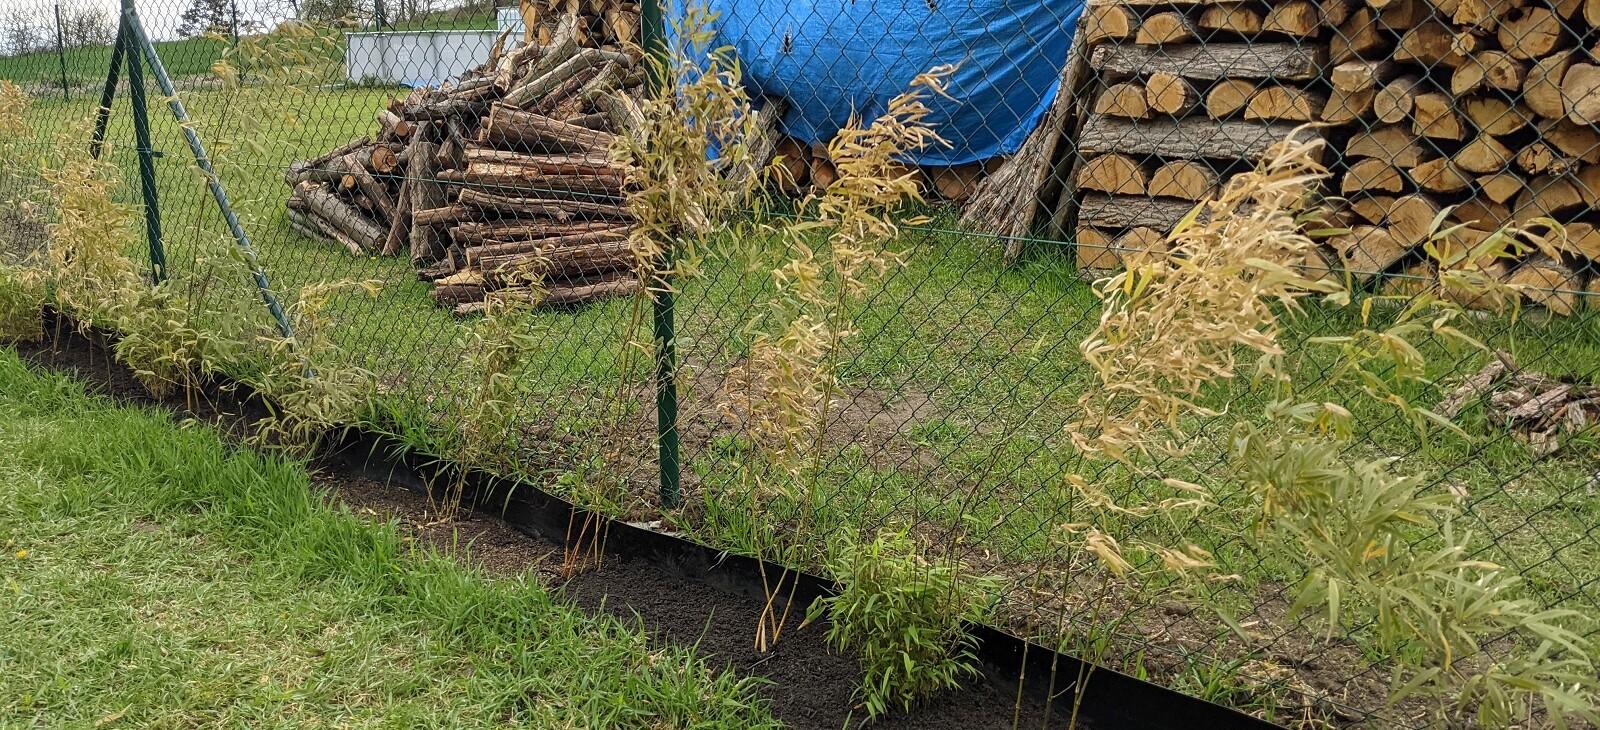 Nové malé bambusy mezi původními, kterým se moc nedaří